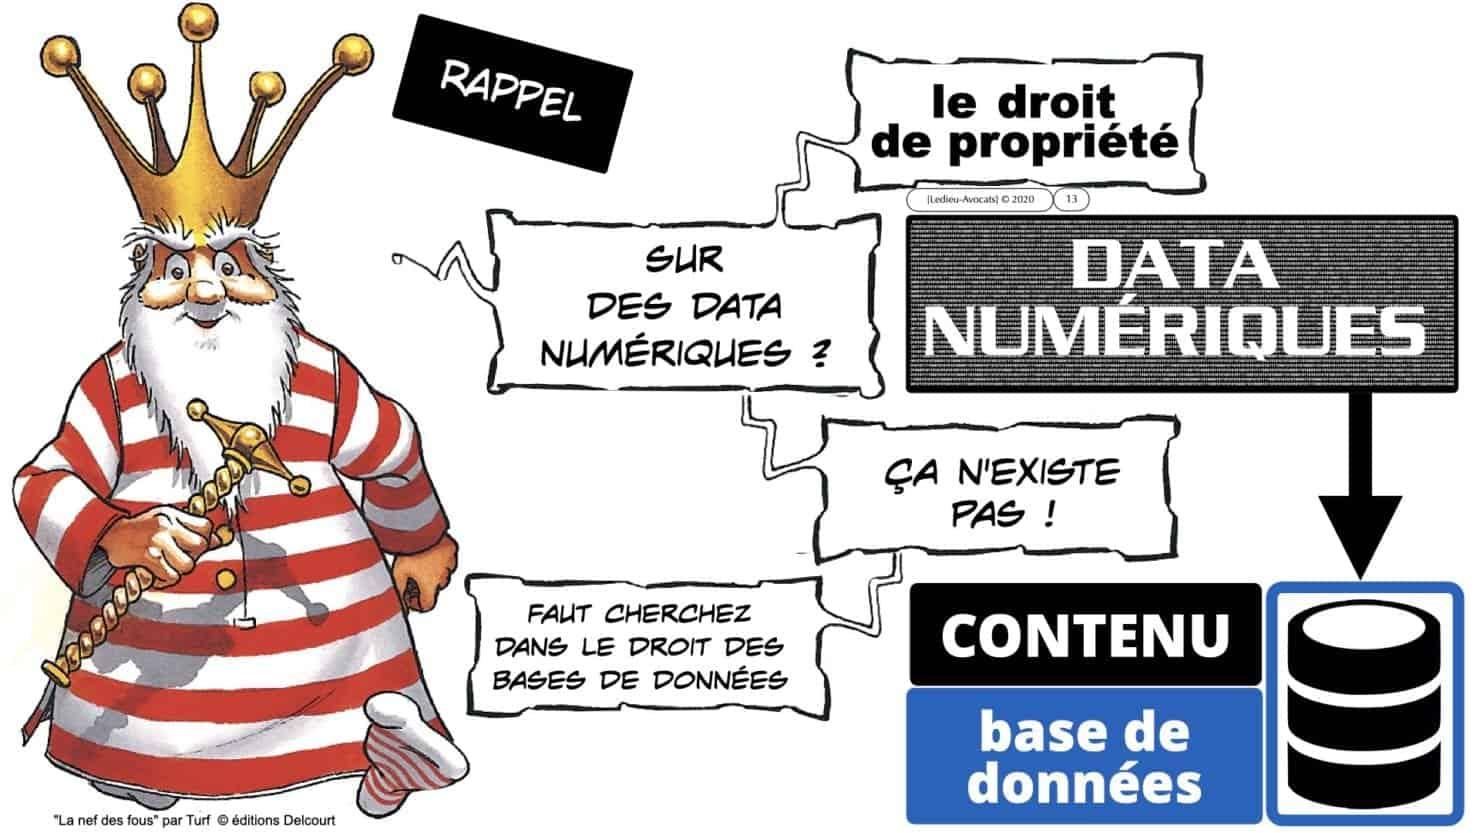 bases de données droit de propriété